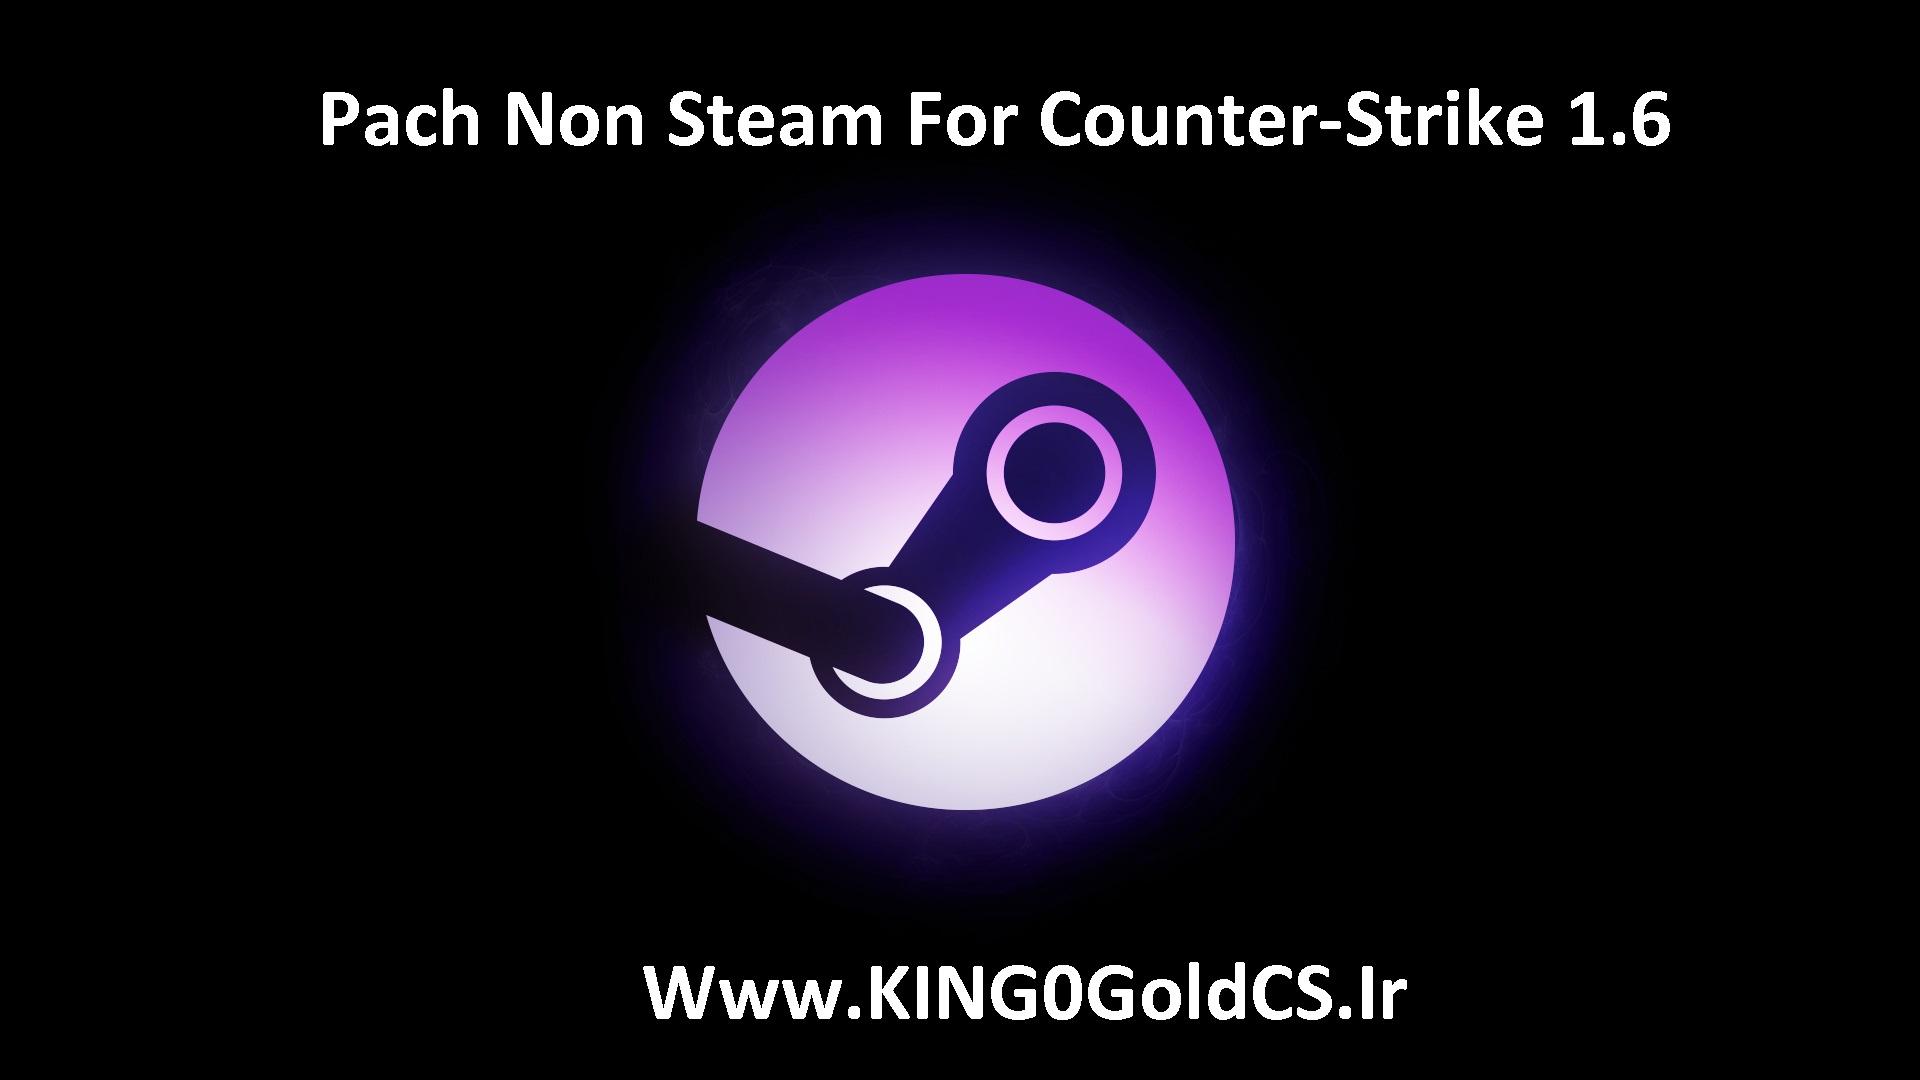 دانلود پچ ویرژن Non Steam برای کانتر استریک 1.6